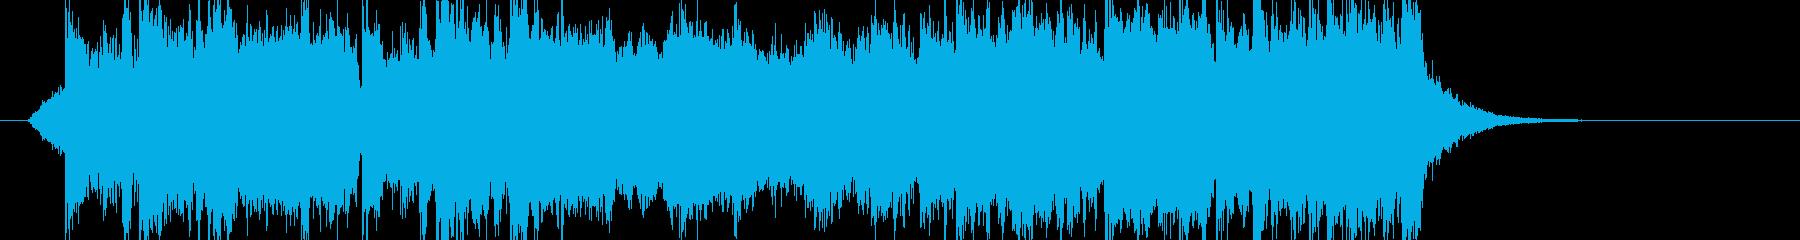 オーケストラのファンファーレの再生済みの波形